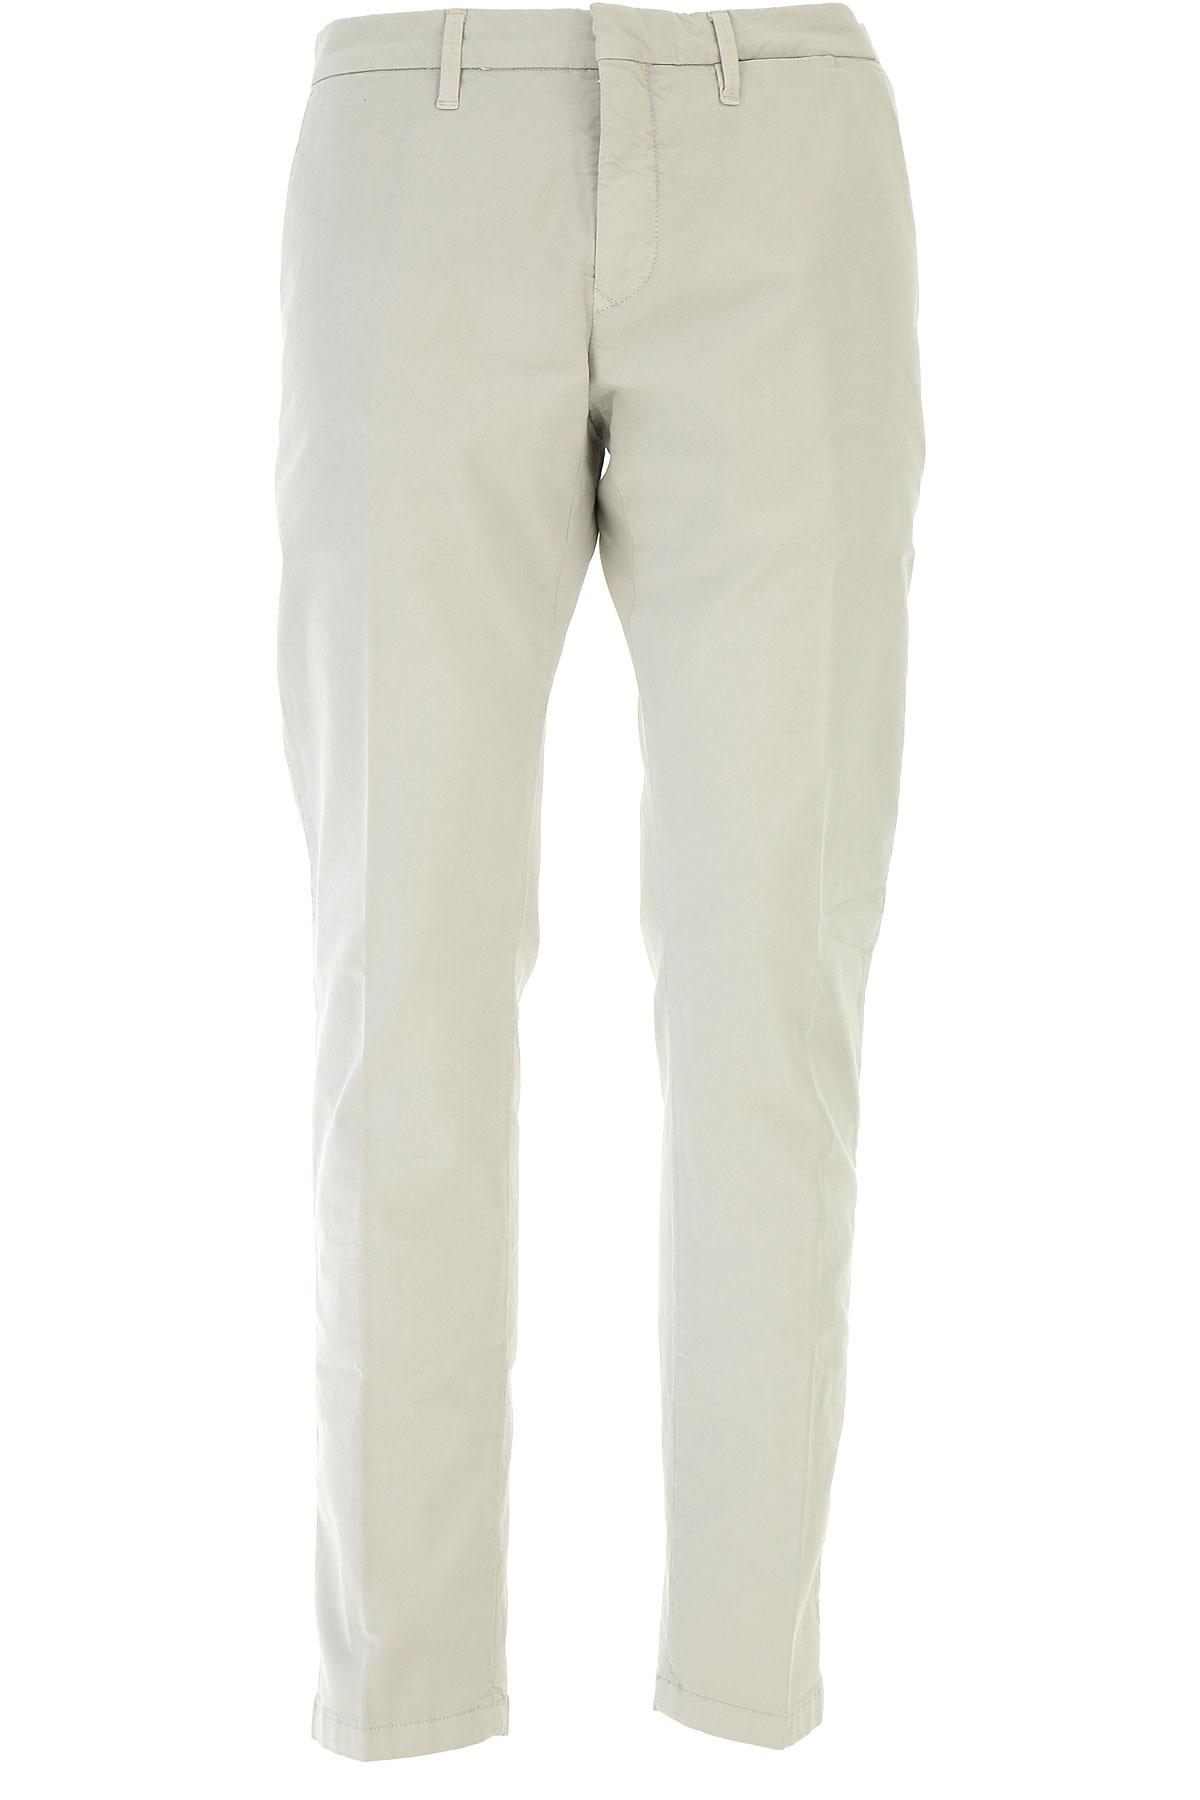 シビリア パンツ 男性用 メンズ セール, ベージュ, コットン, 2017, 101.5 79 91.5